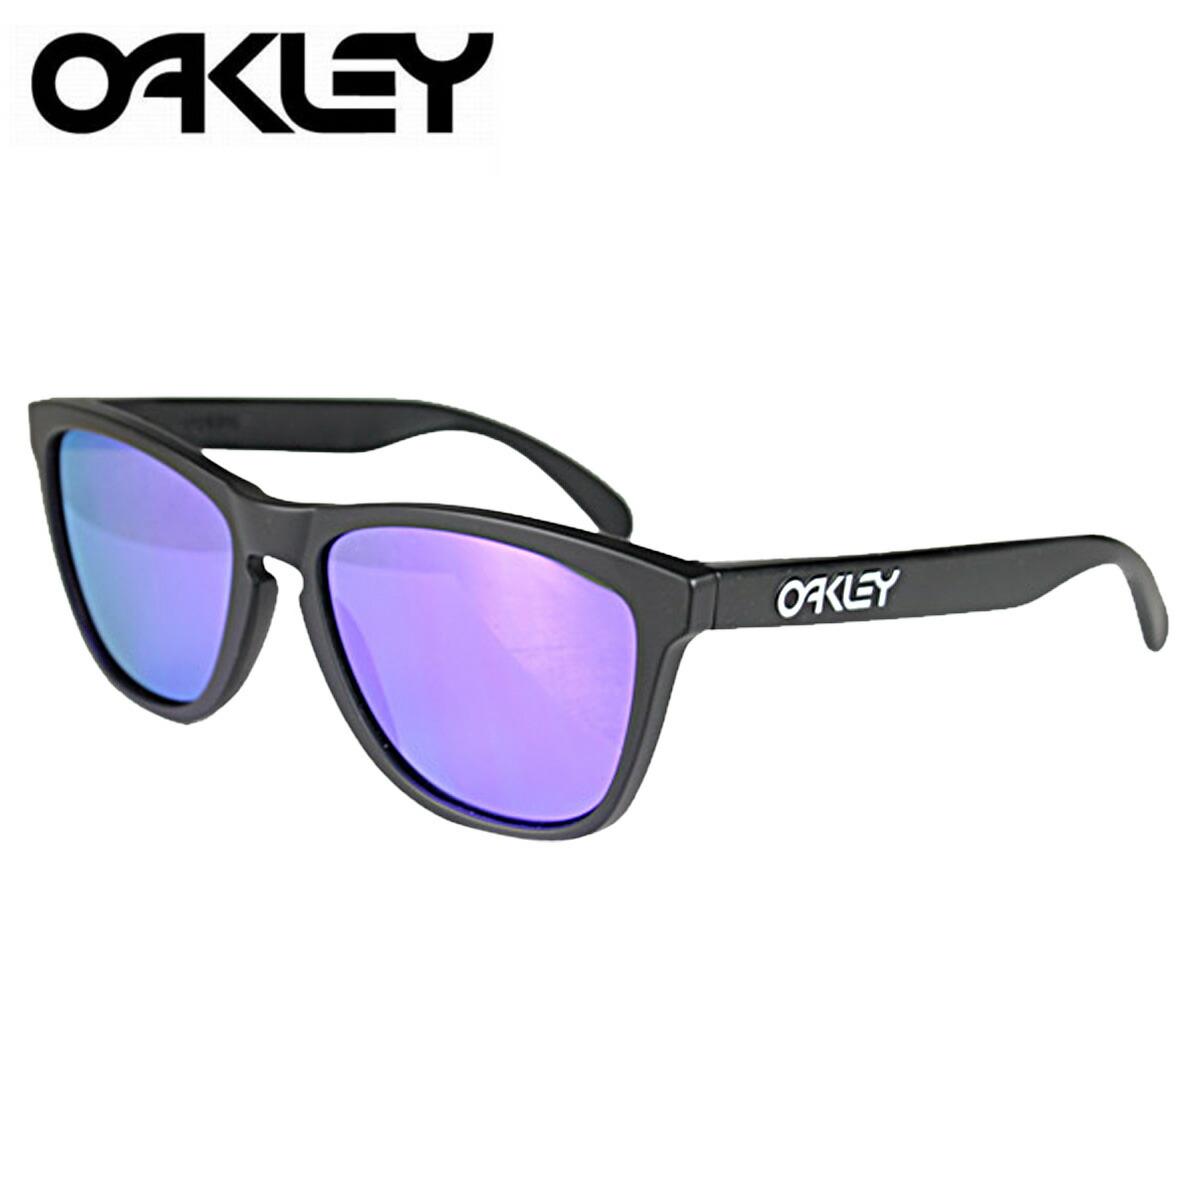 Oakley Frogskins Womens